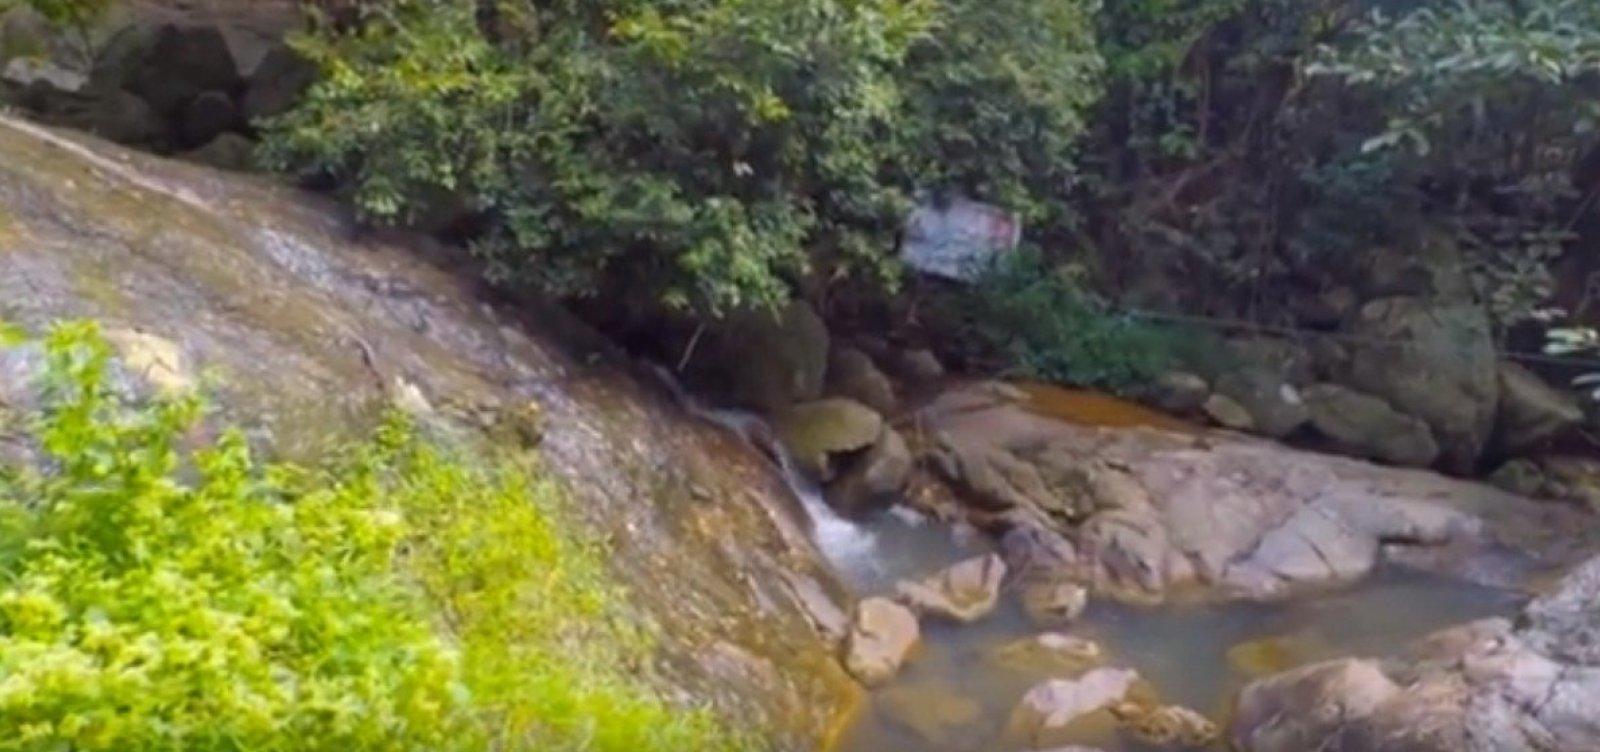 [Turista francês morre ao fazer selfie em cascata na Tailândia]